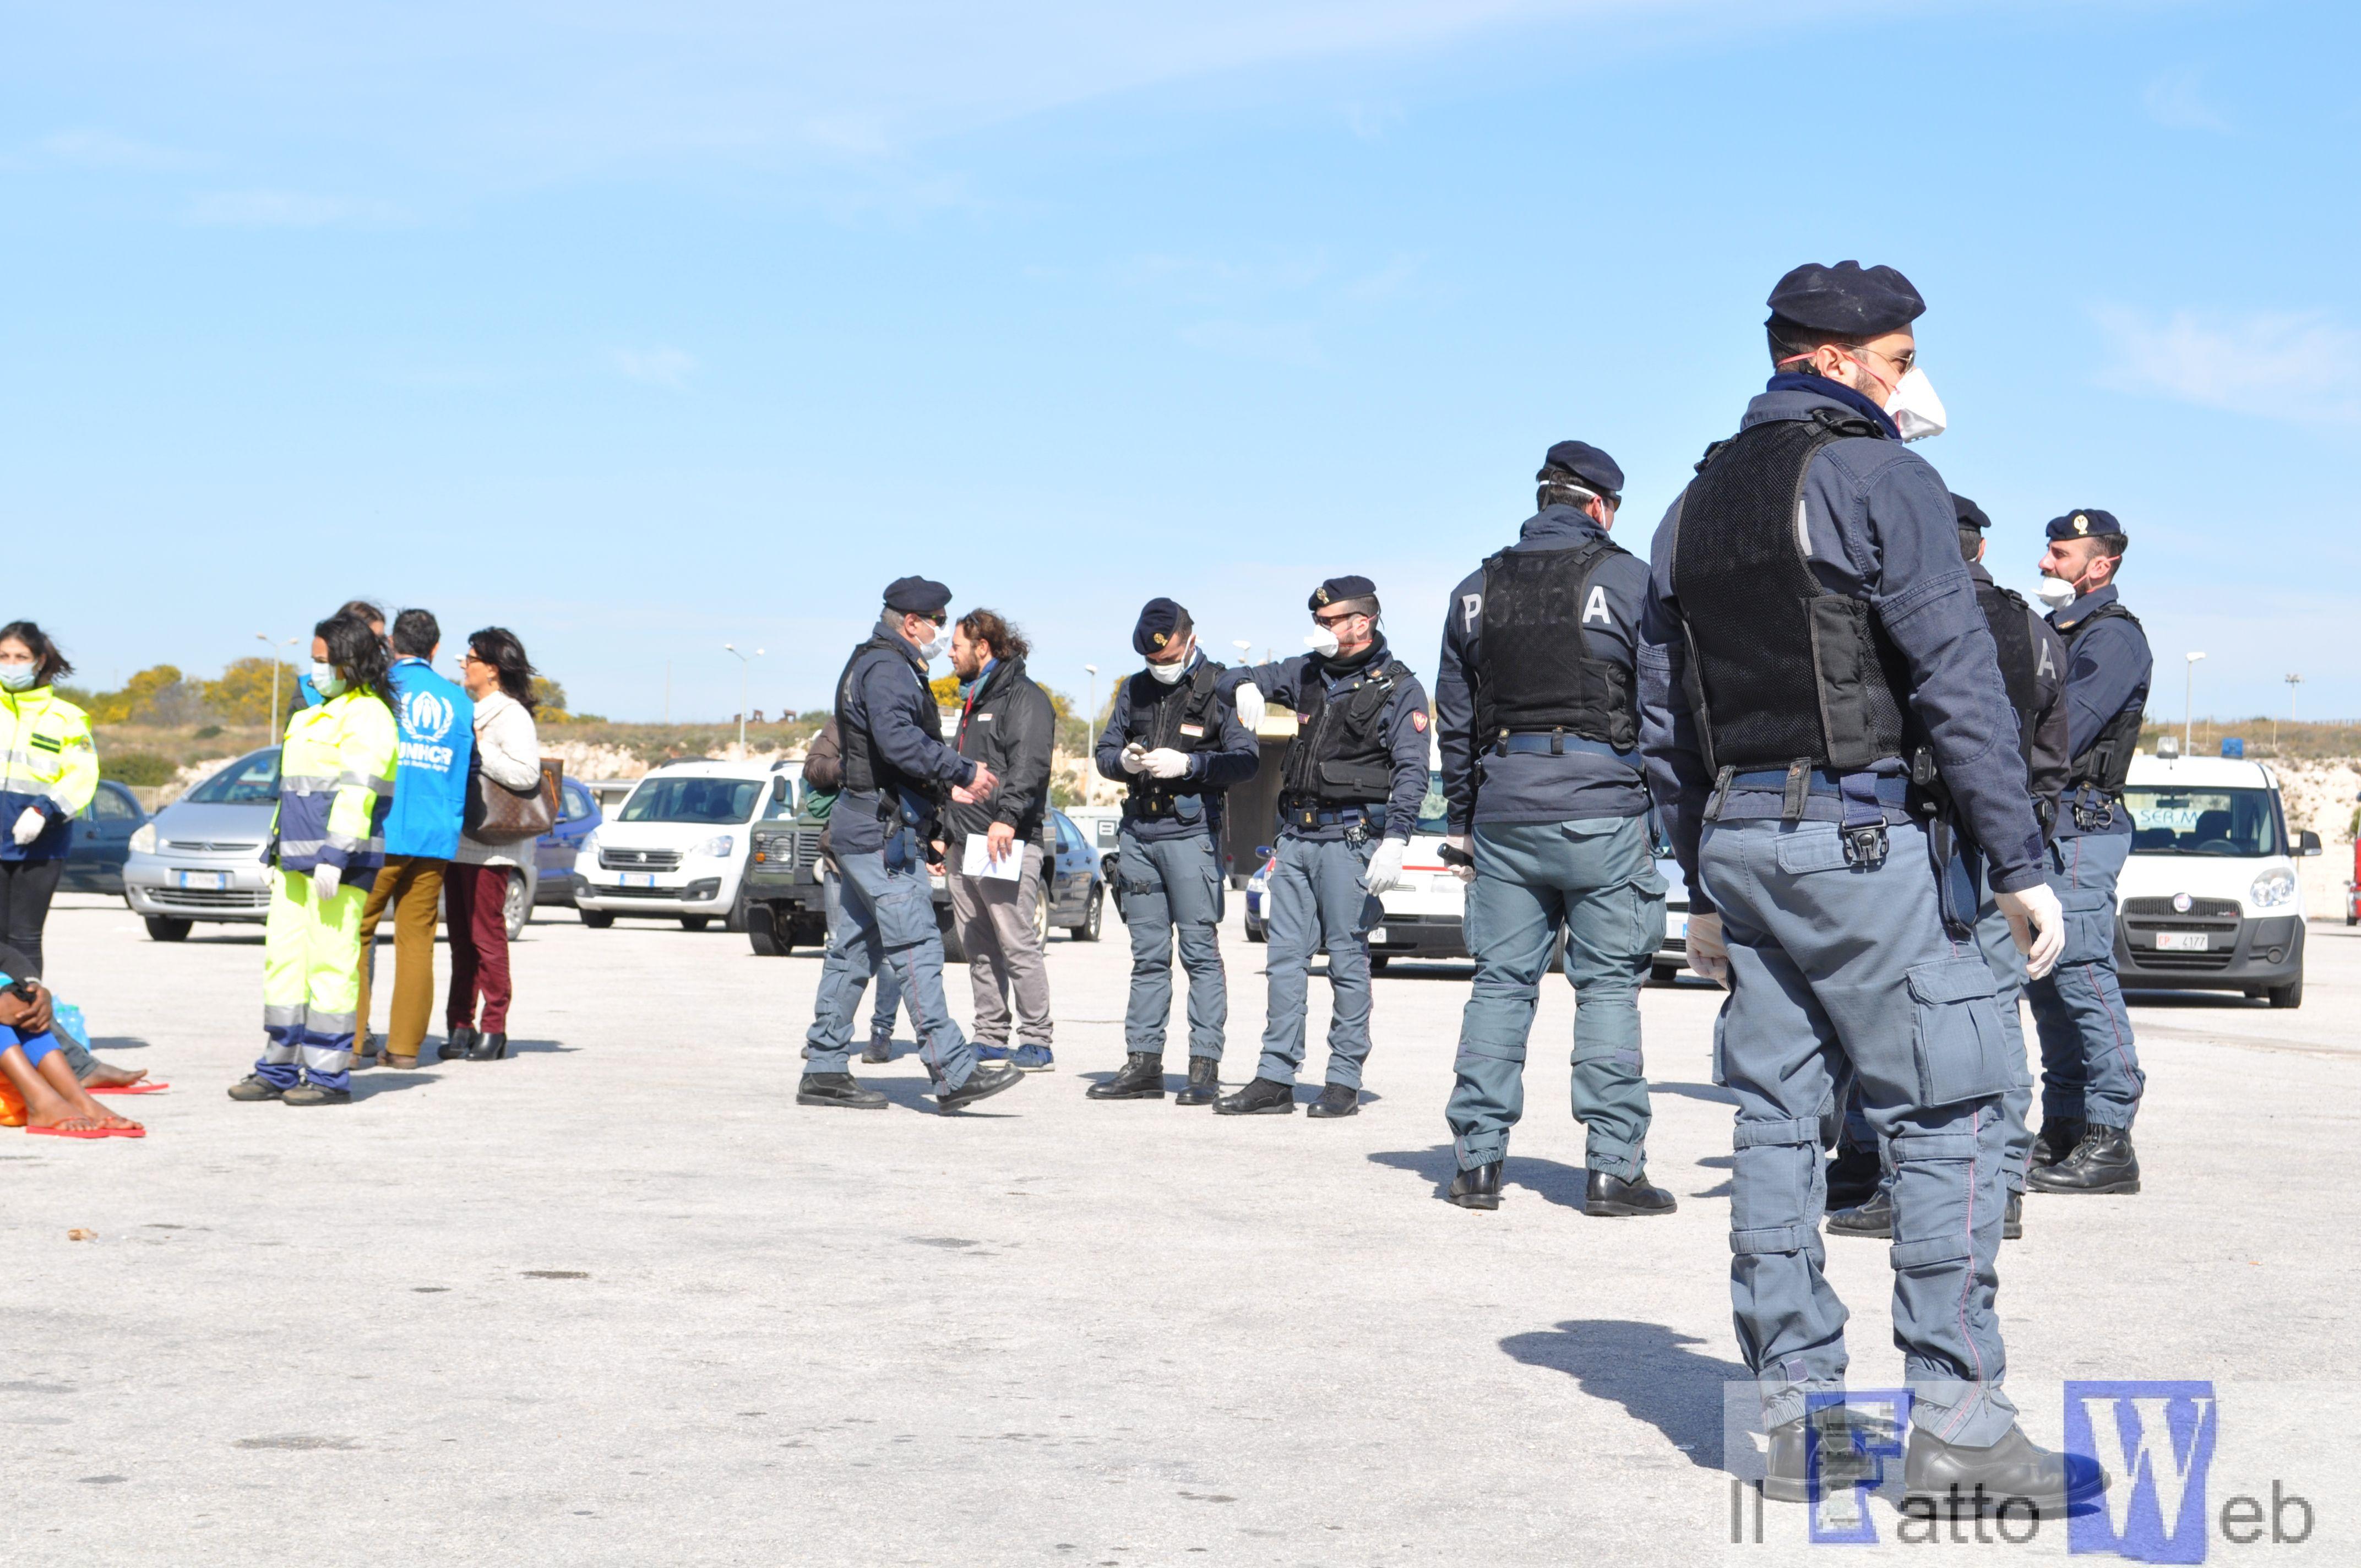 Squadra Mobile di Ragusa: Concluse le indagini sullo sbarco di 730 migranti. Fermati altri due scafisti